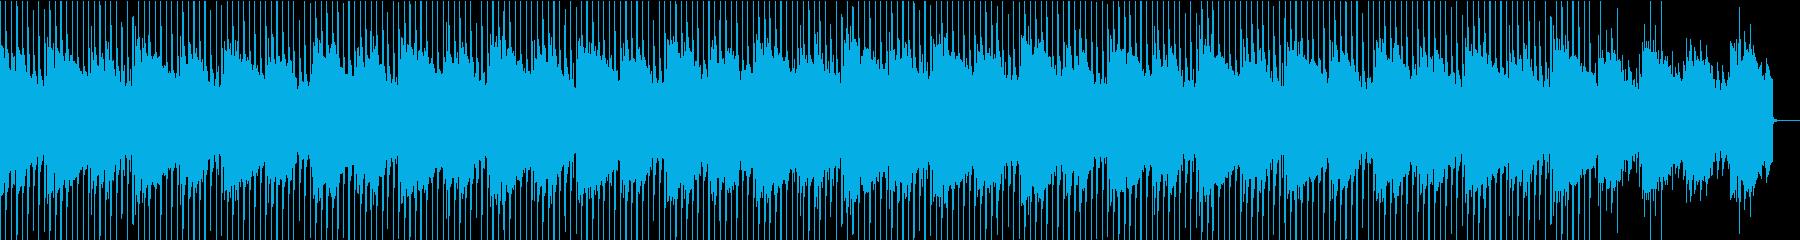 淡々とビートを刻む少し切ないギターの再生済みの波形